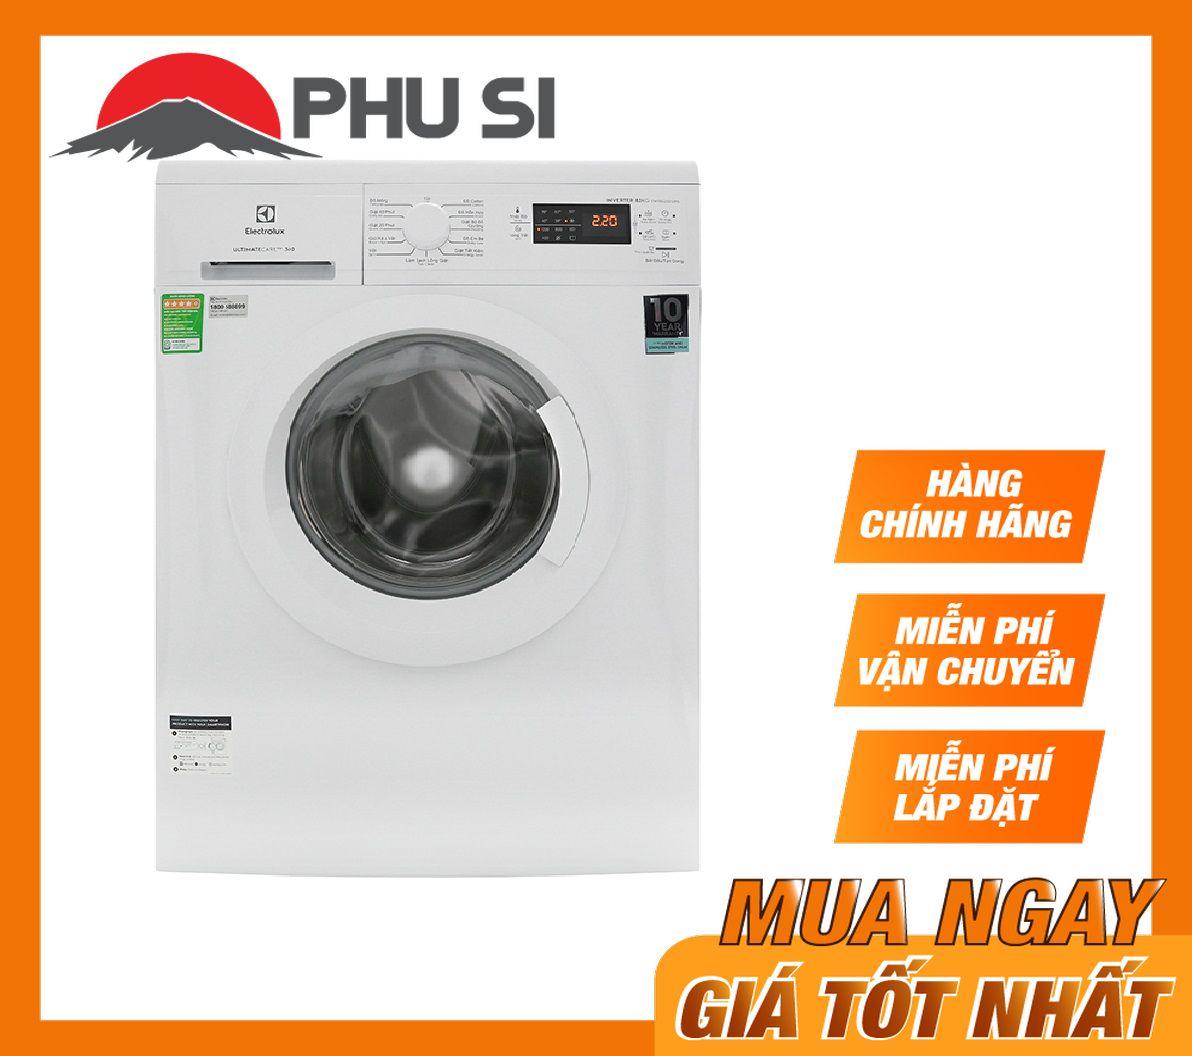 TRẢ GÓP 0% - Máy giặt Electrolux Inverter 8 Kg EWF8025DGWA , loại máy giặt cửa trước, lồng ngang với 10 chương trình hoạt động - Bảo hành 2 năm